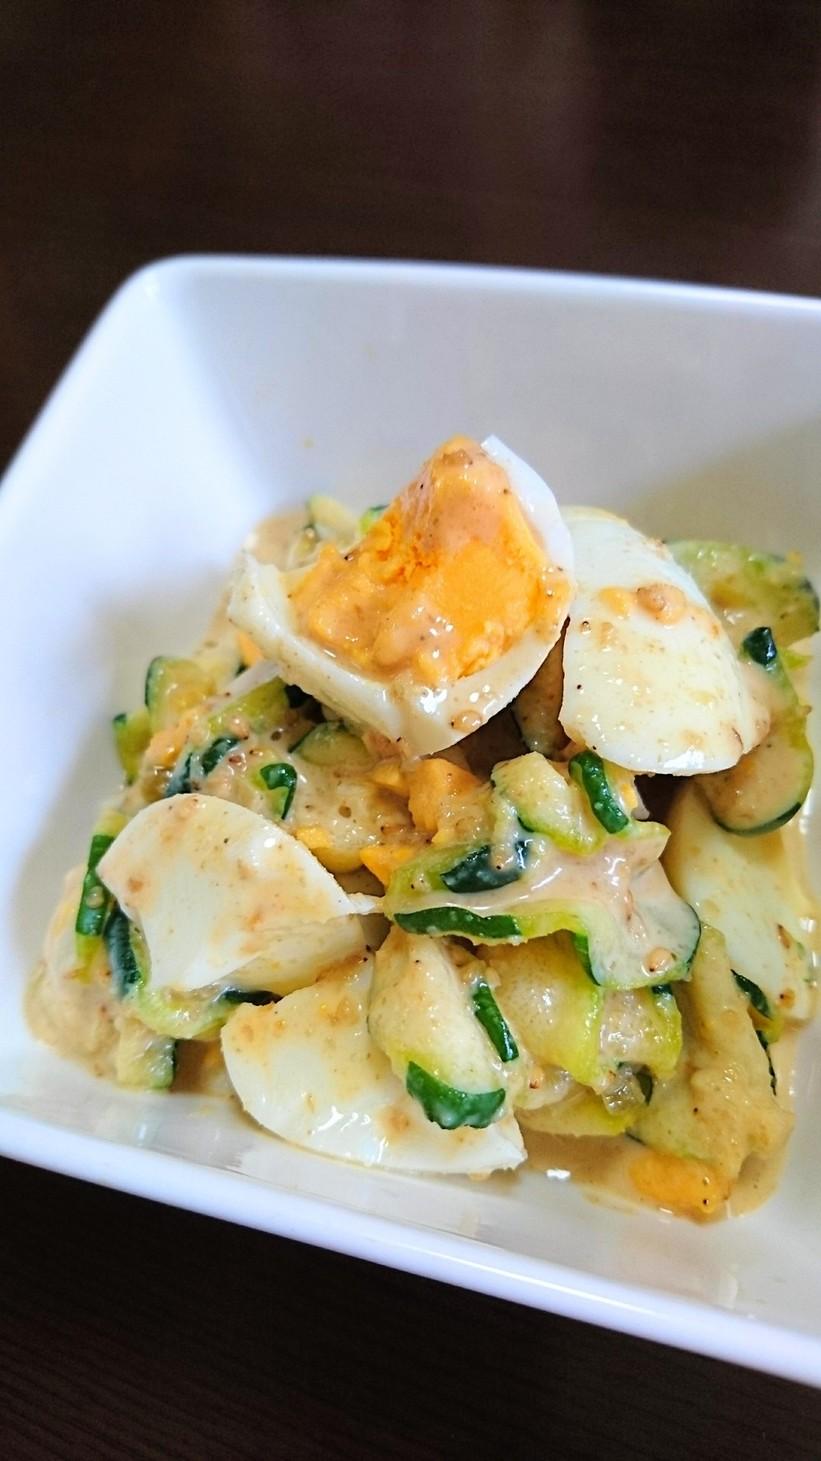 ズッキーニと茹で卵のサラダ♪